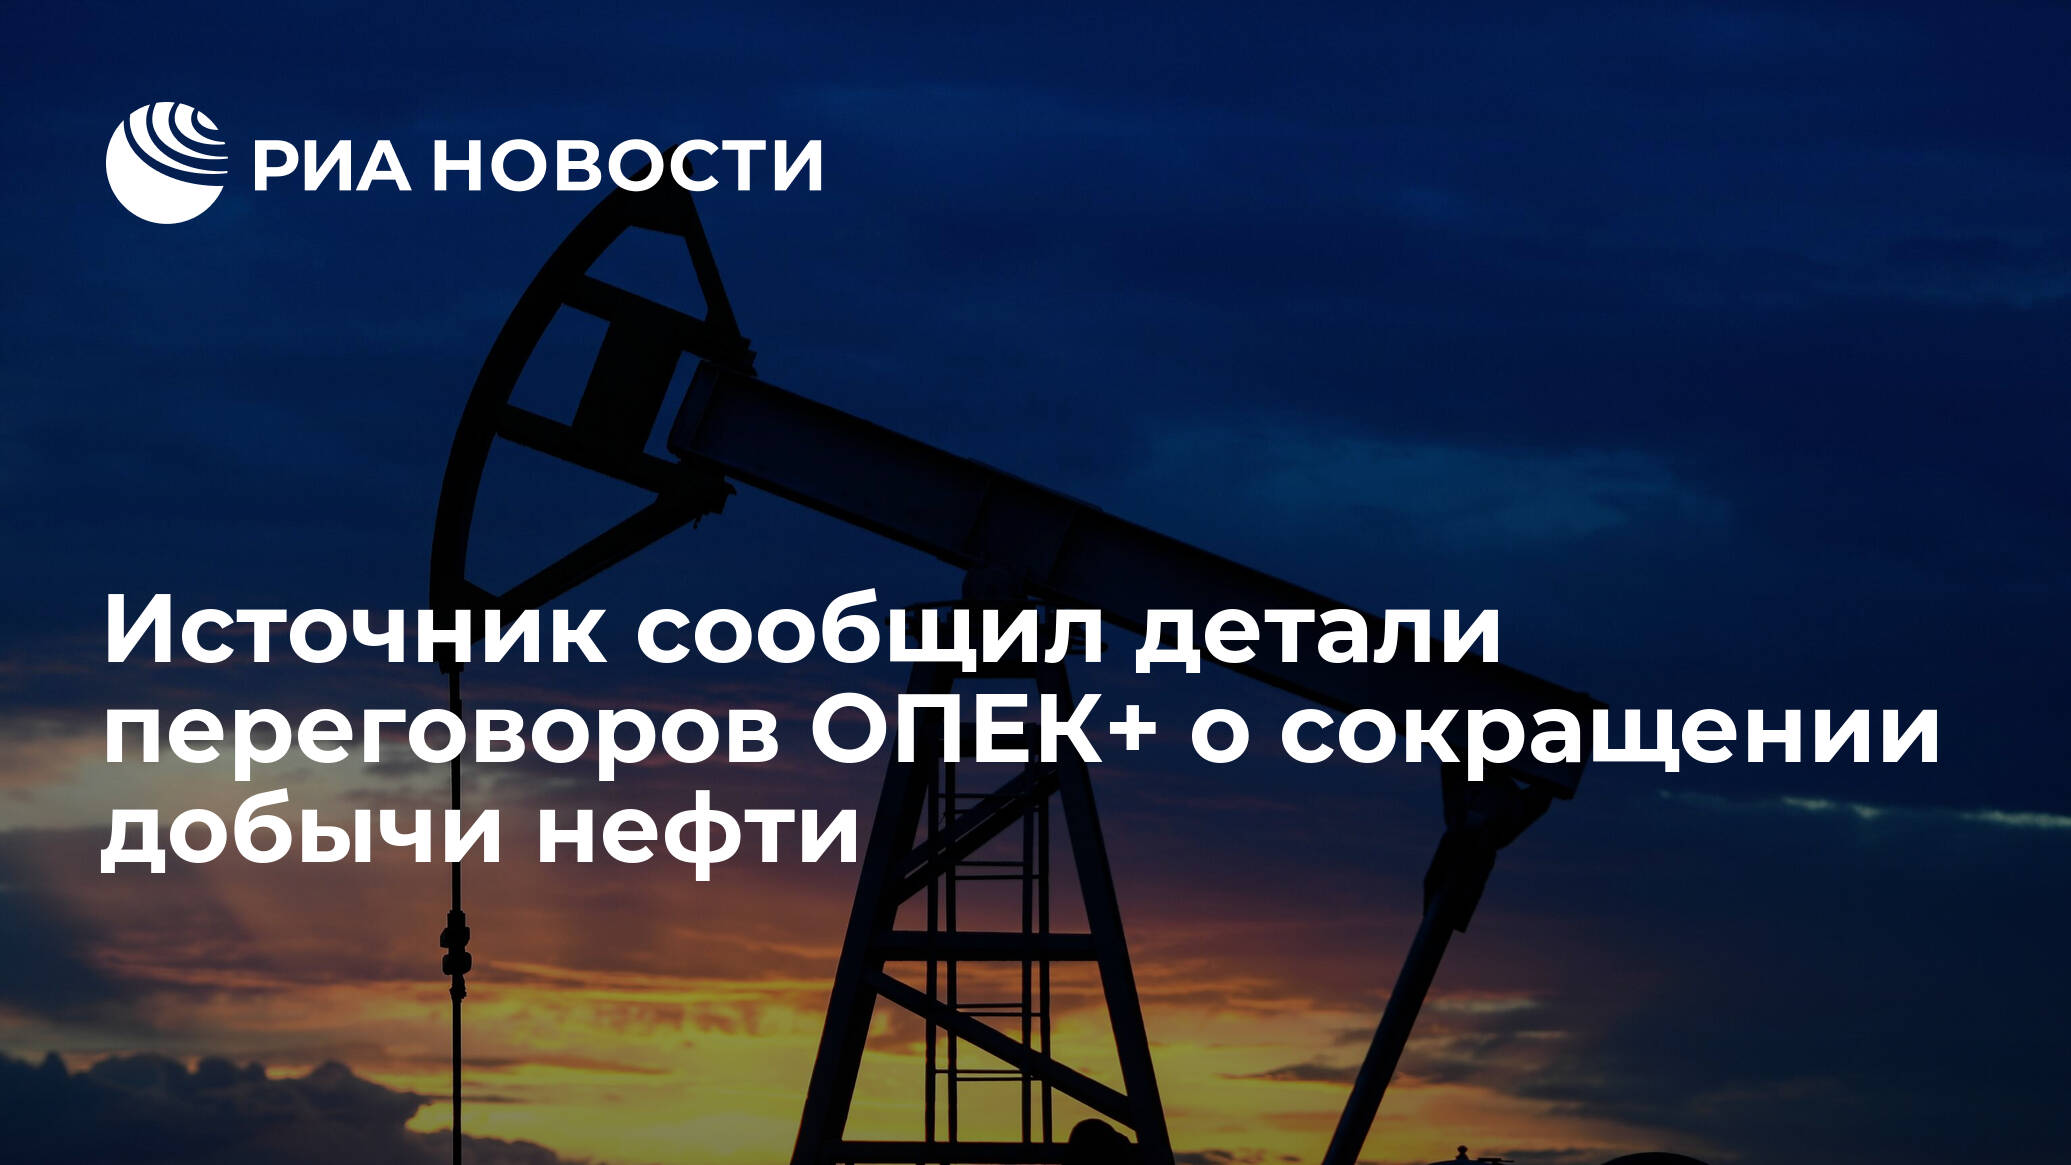 Источник сообщил детали переговоров ОПЕК+ о сокращении добычи нефти - РИА НОВОСТИ